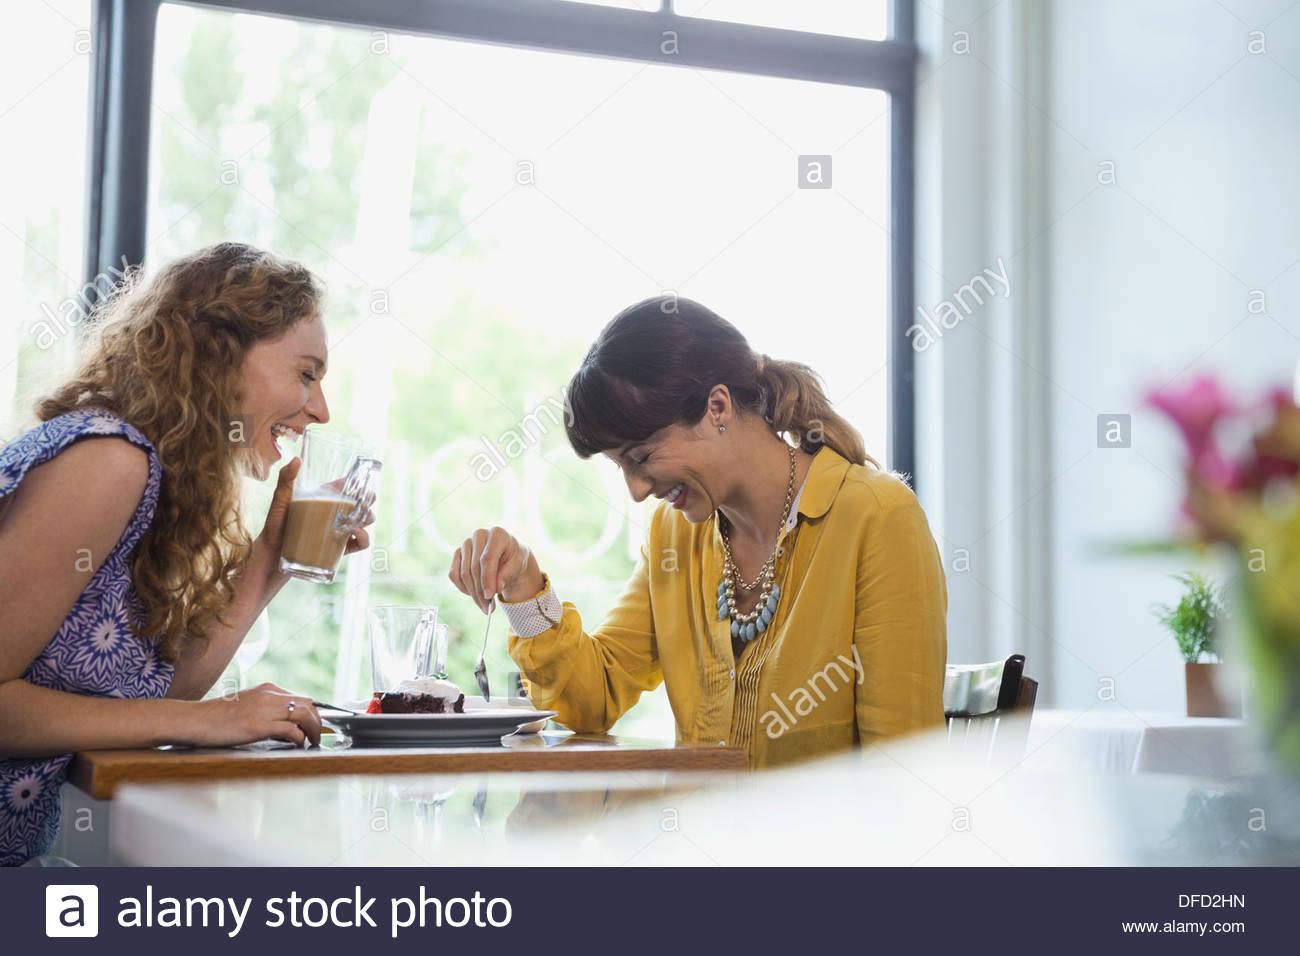 Alegre amigas riendo en restaurante. Imagen De Stock